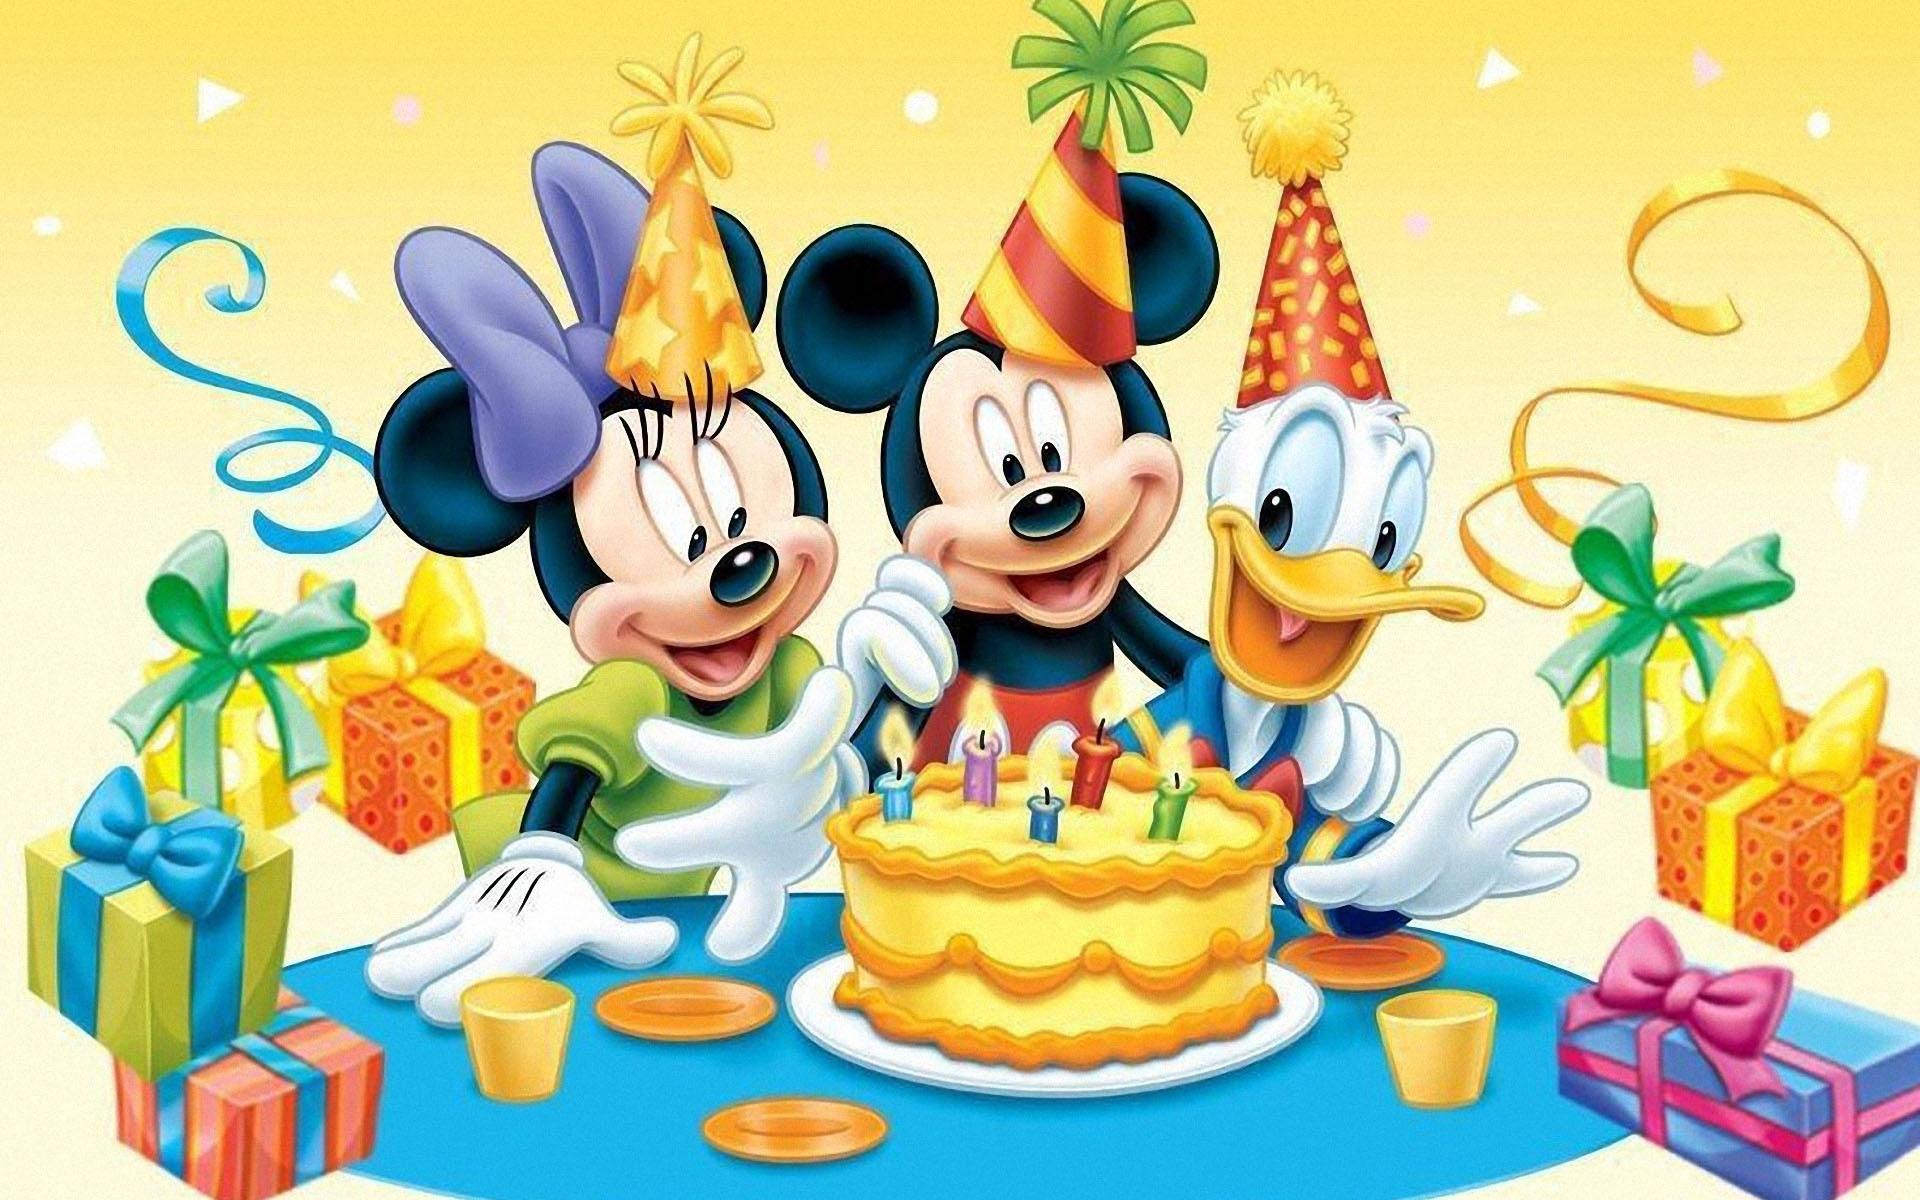 Поделки открыток, открытки на день рождения от яндекс